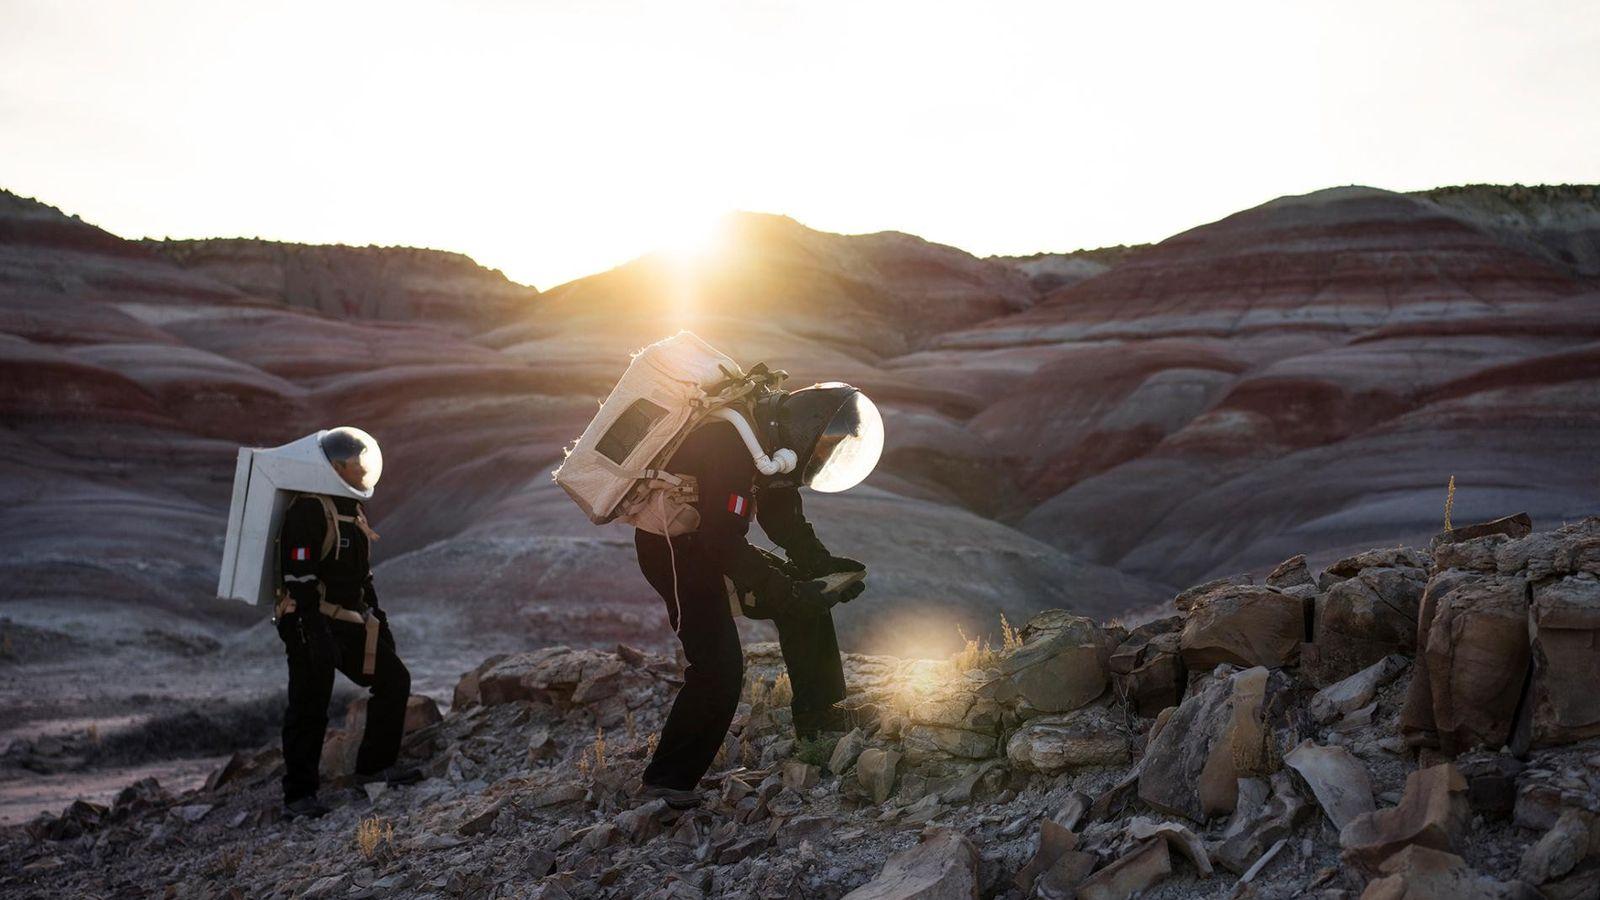 Les hommes seront-ils capables d'explorer Mars à la recherche de formes de vie sans contaminer la ...